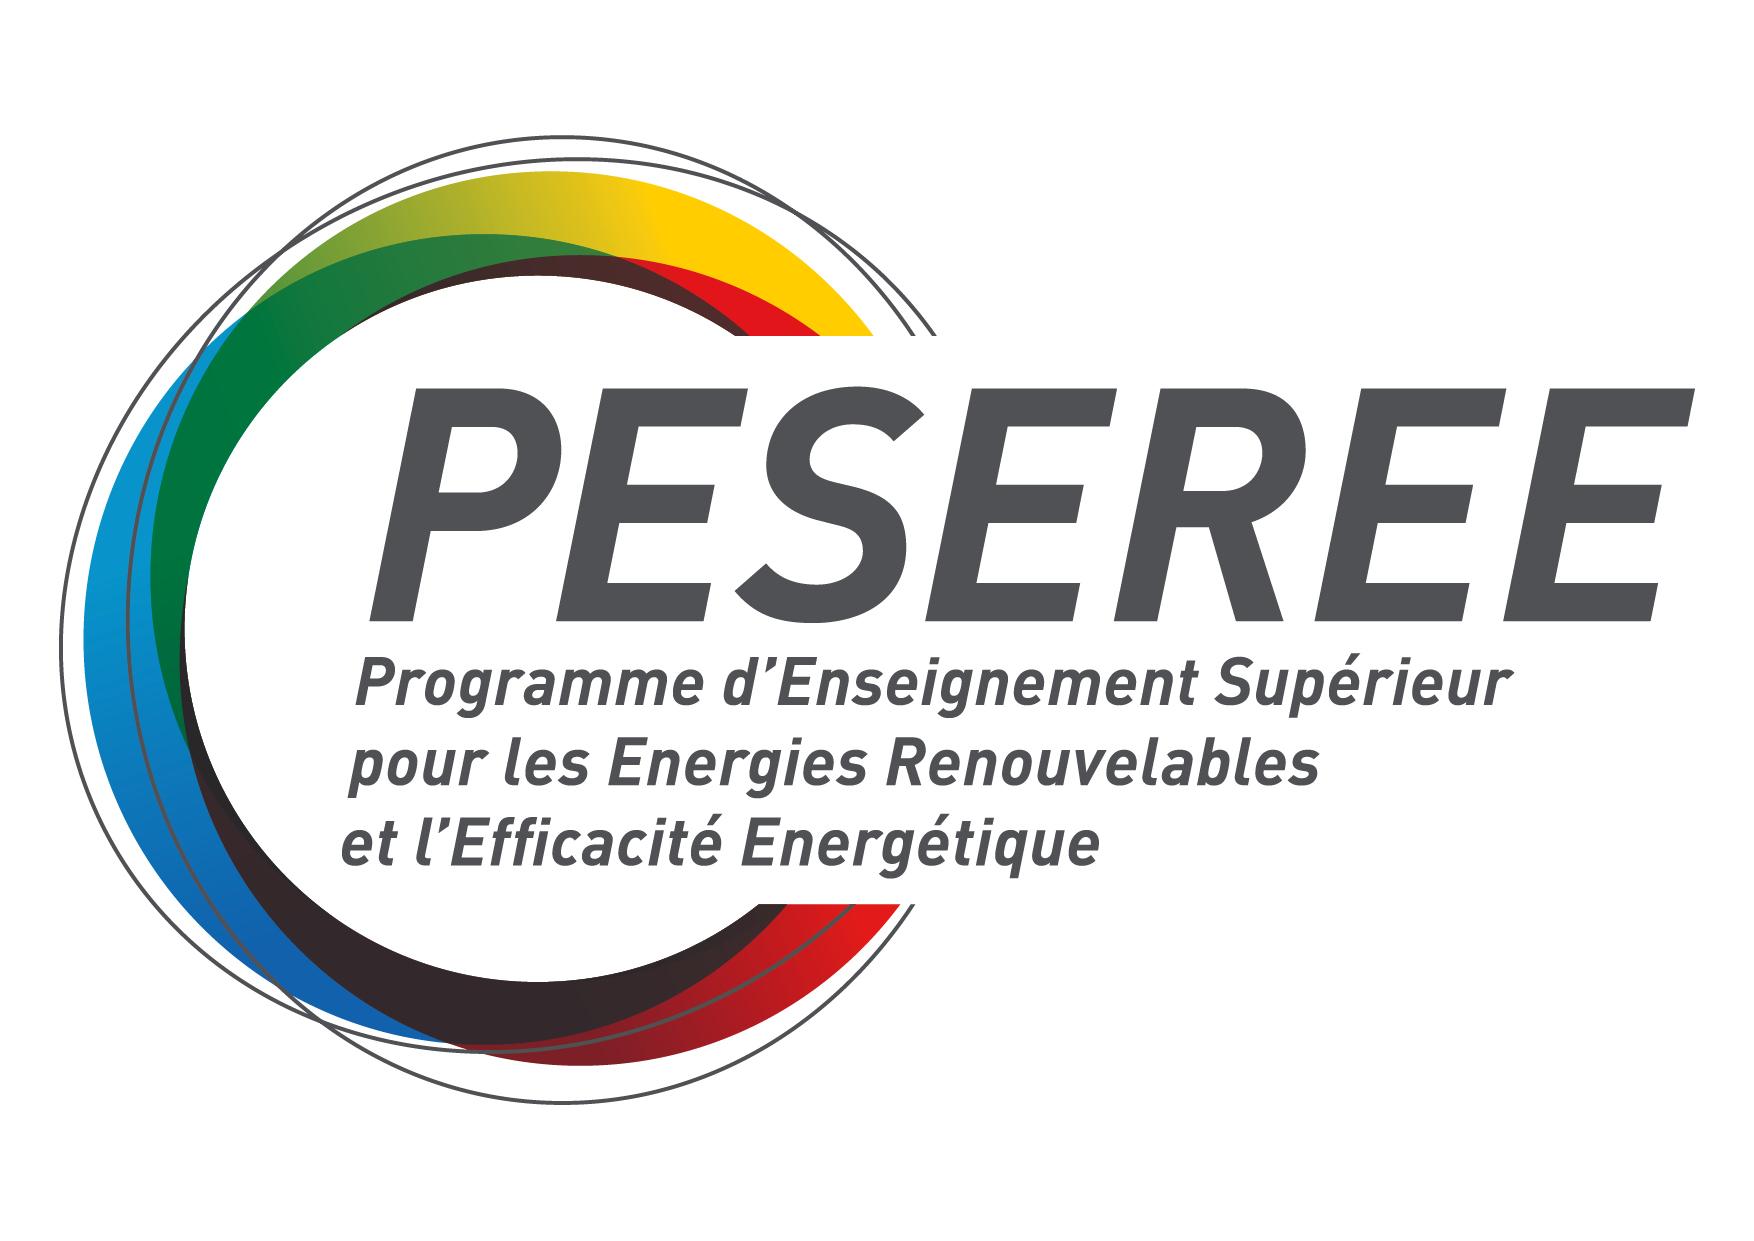 Programme d'Enseignement Supérieur sur les Énergies Renouvelables et Efficacité Énergétique